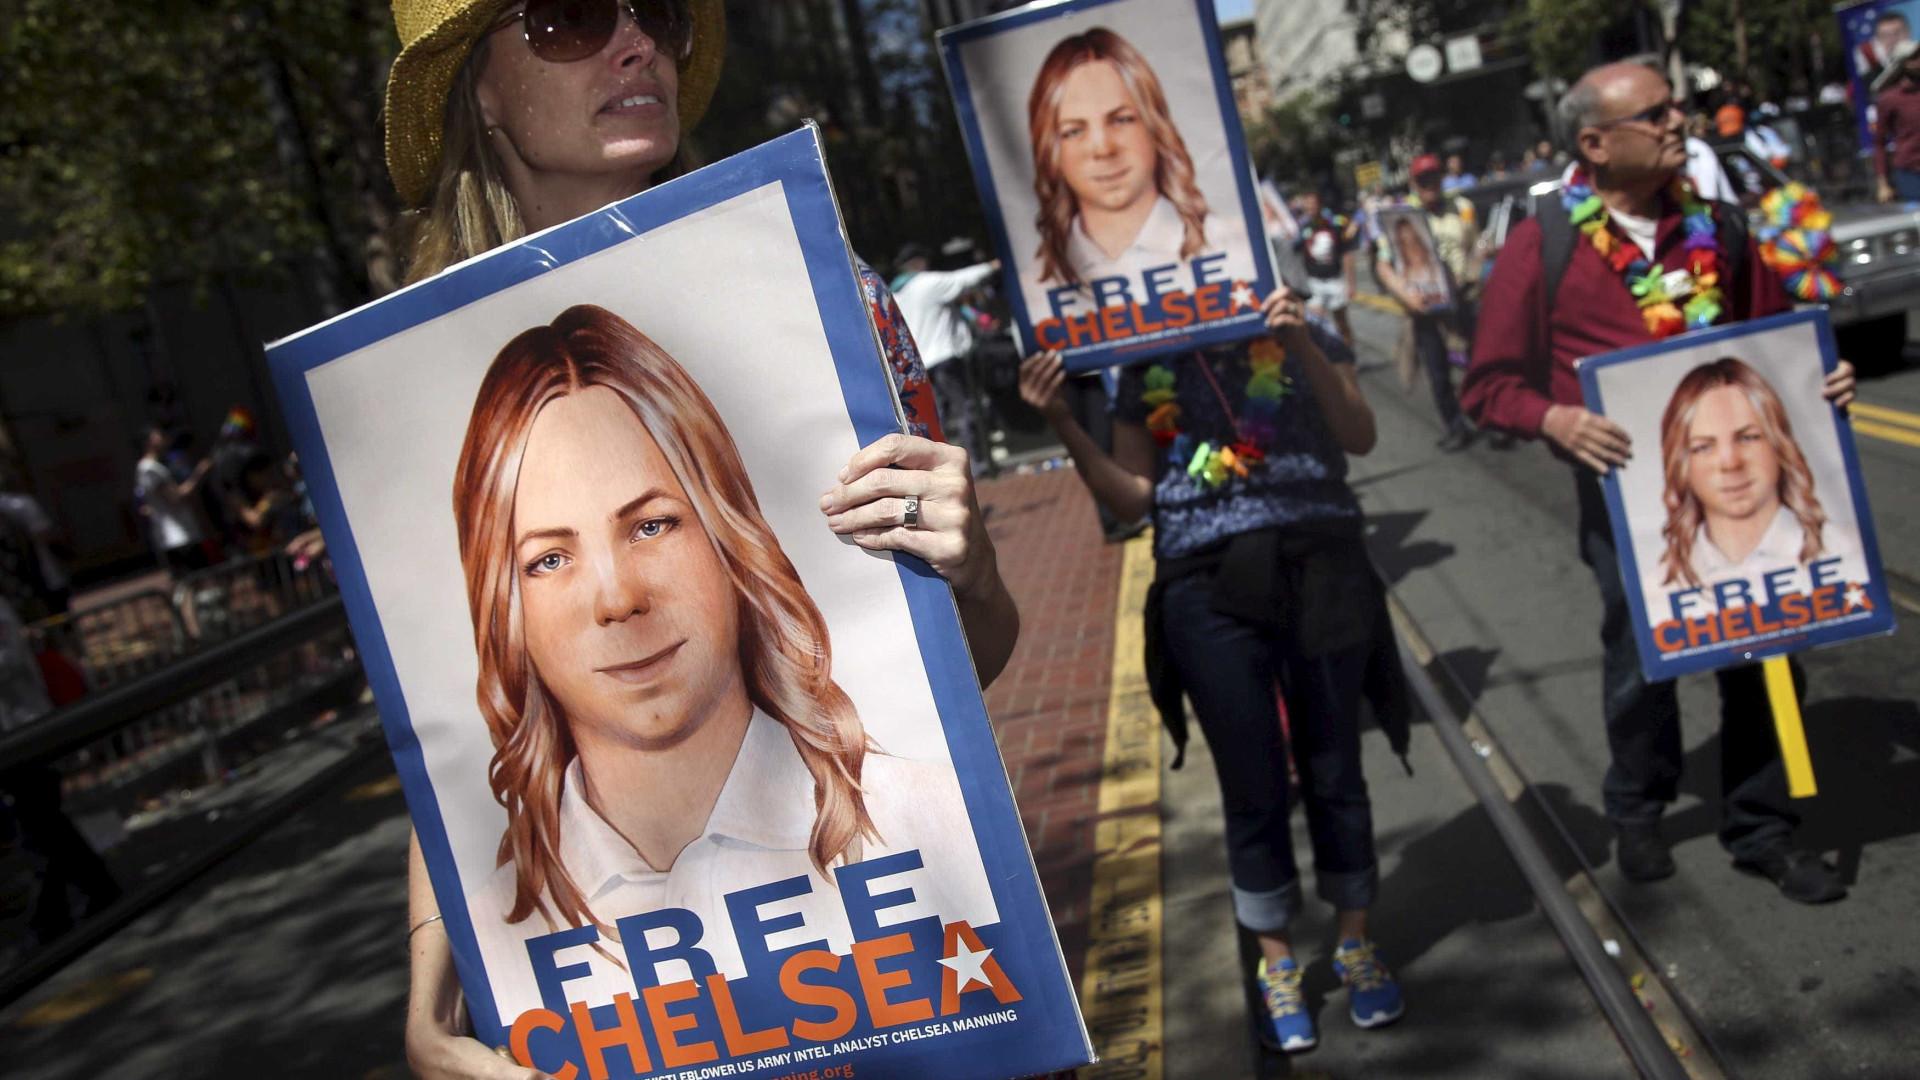 Em liberdade, Chelsea Manning apresenta-se ao mundo com novo visual